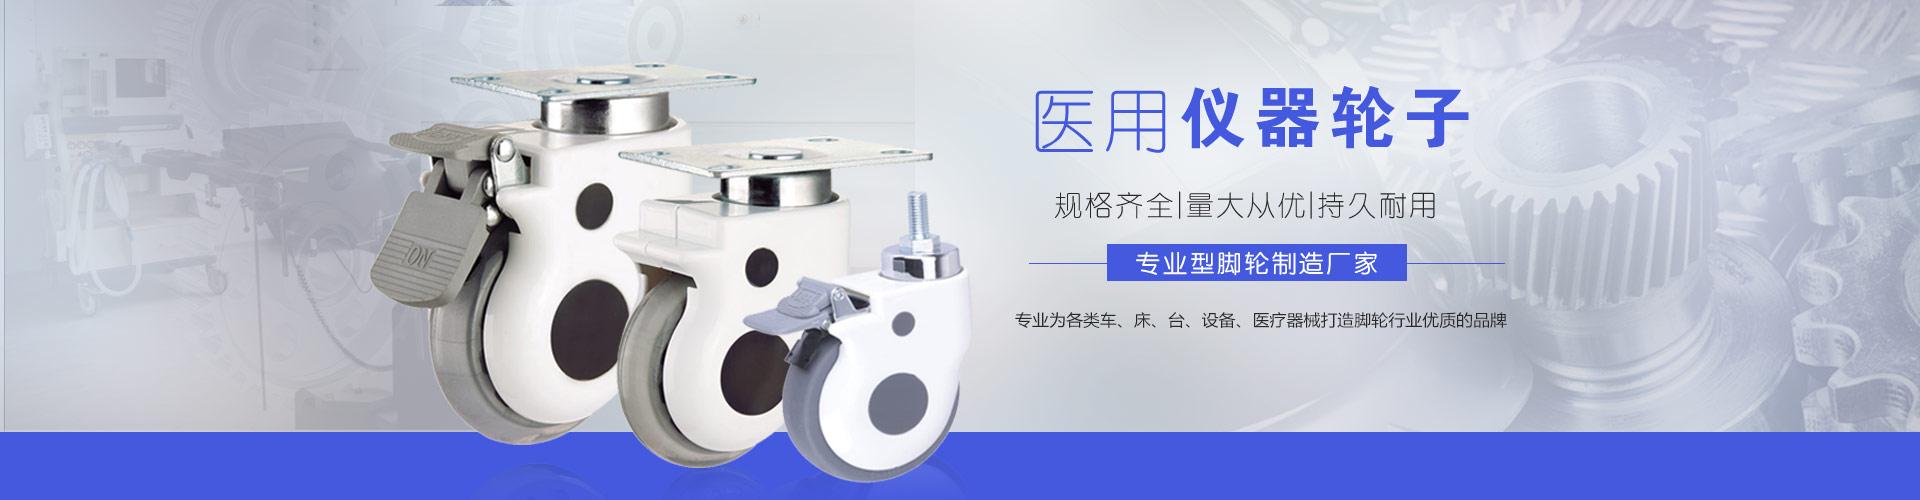 中山业亿脚轮生产厂家PC端网站banner2